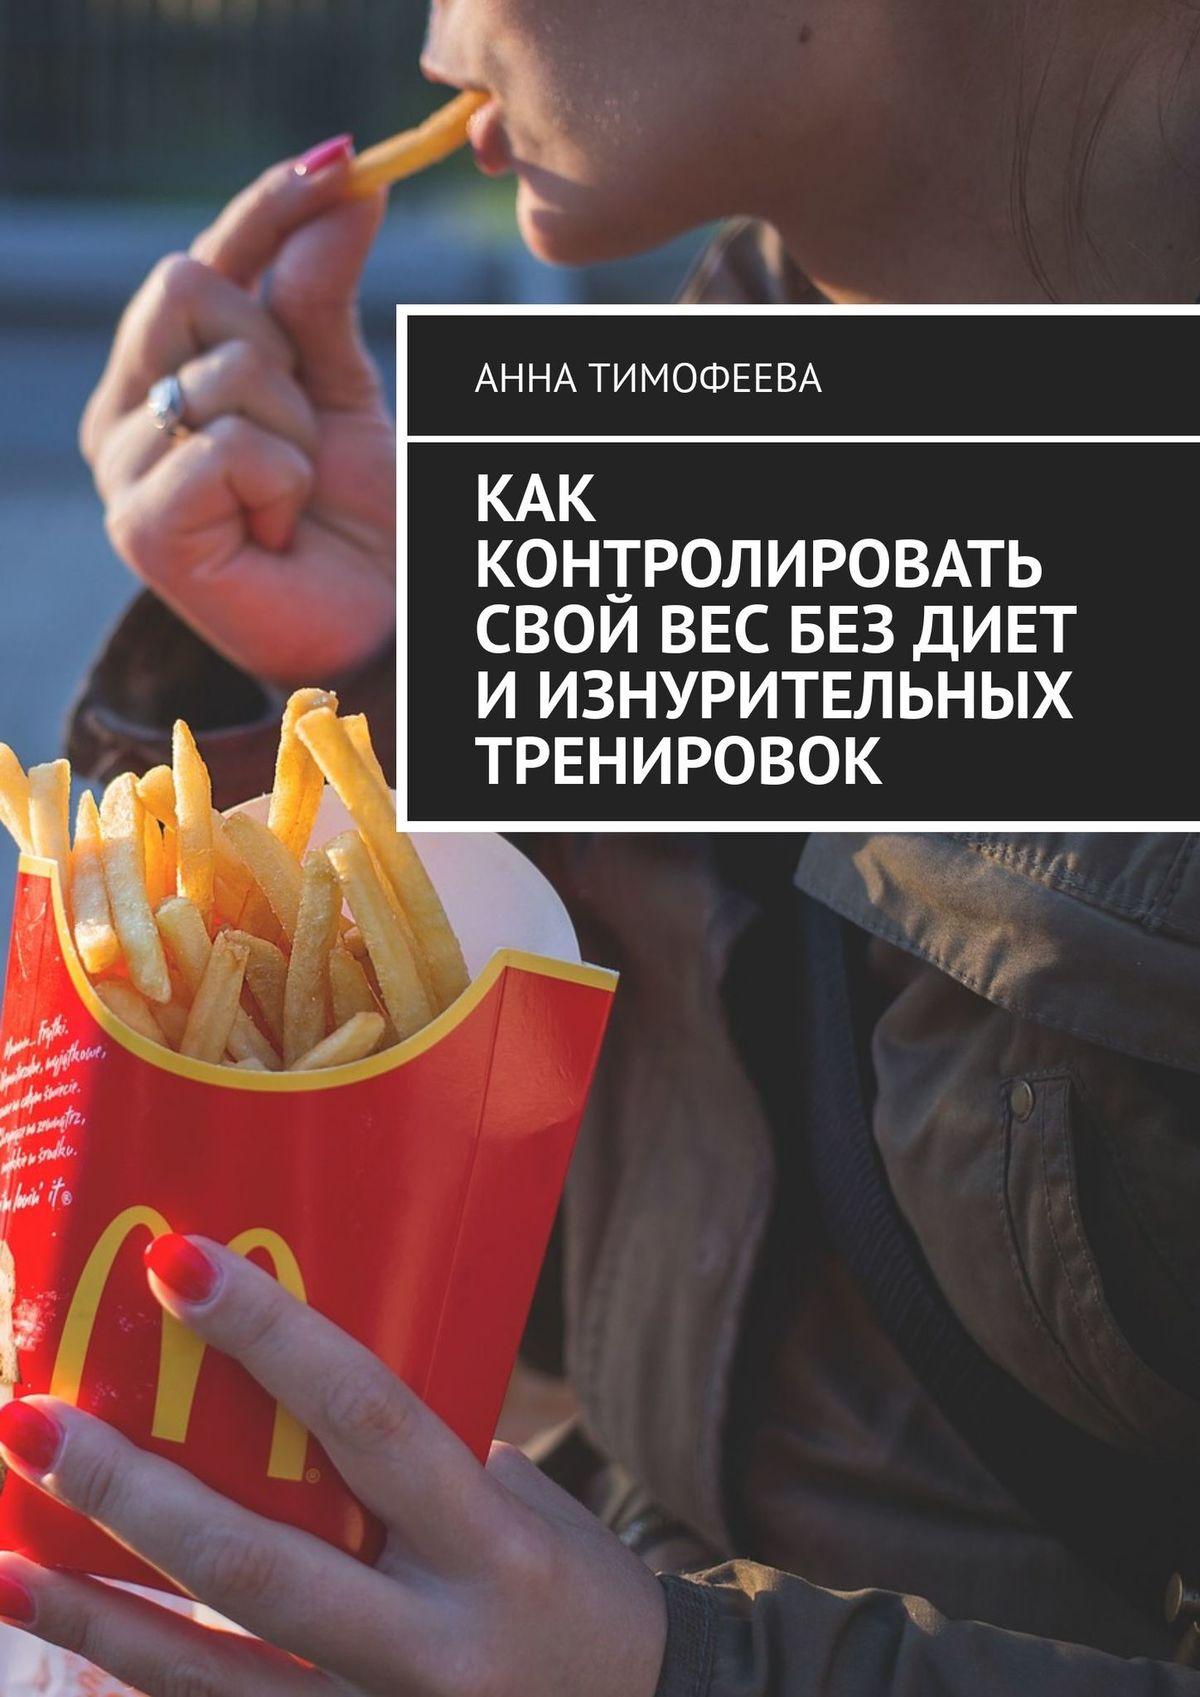 Анна Тимофеева Как контролировать свой вес без диет иизнурительных тренировок